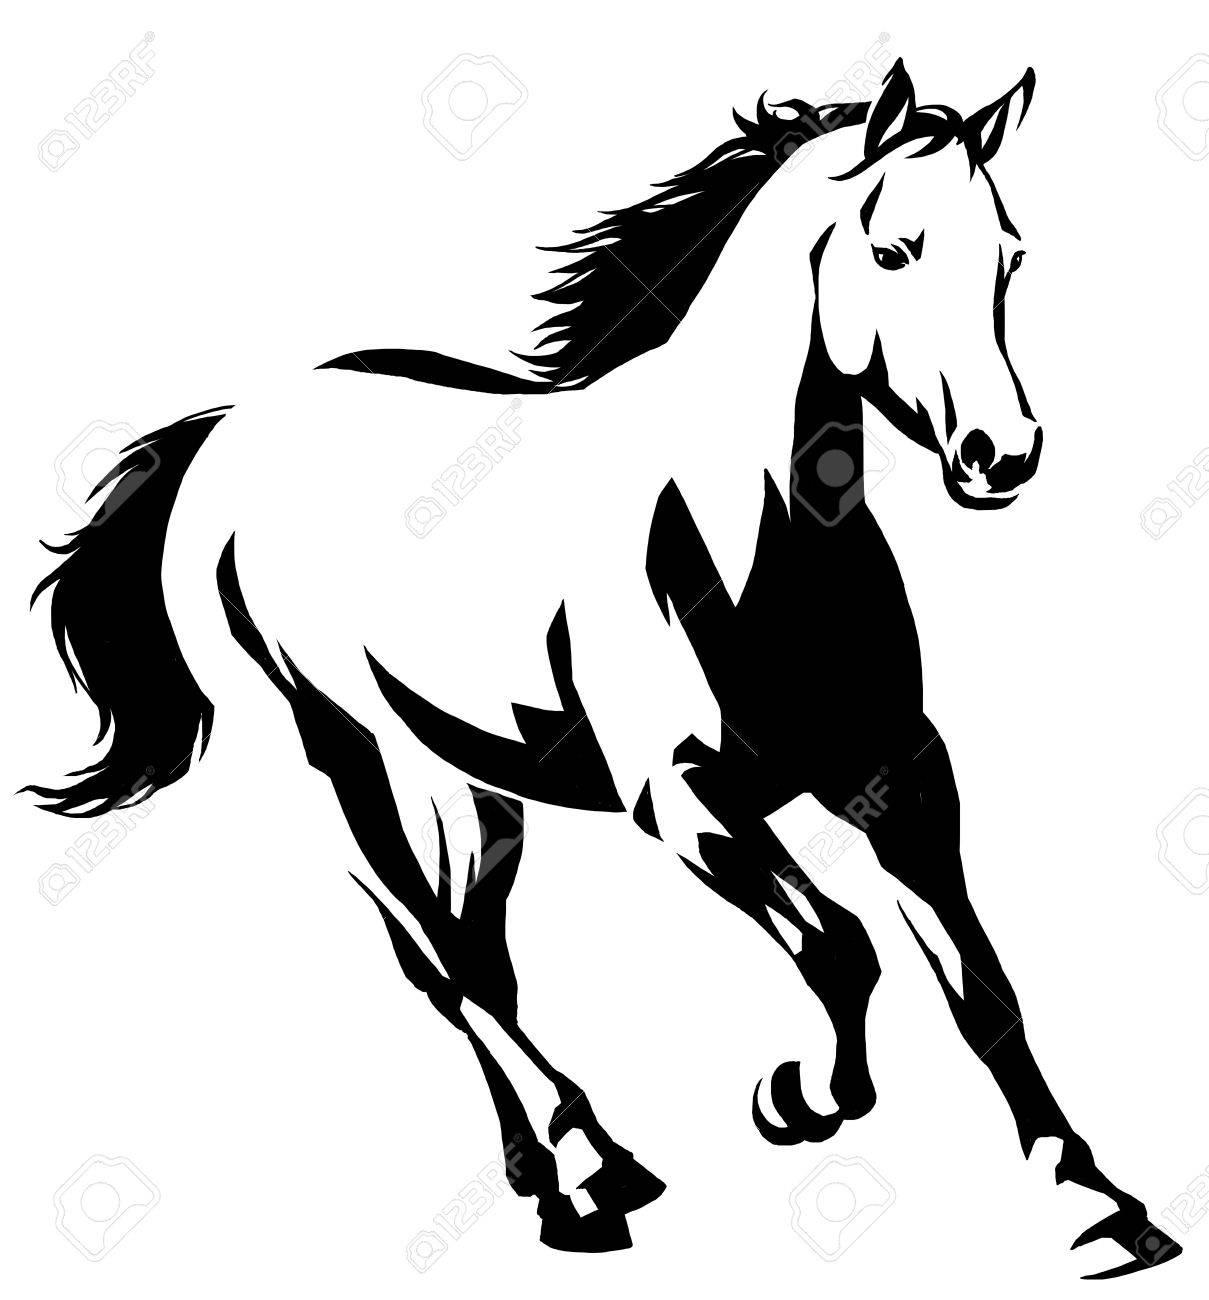 黒と白の線形描画馬イラスト の写真素材画像素材 Image 69447378